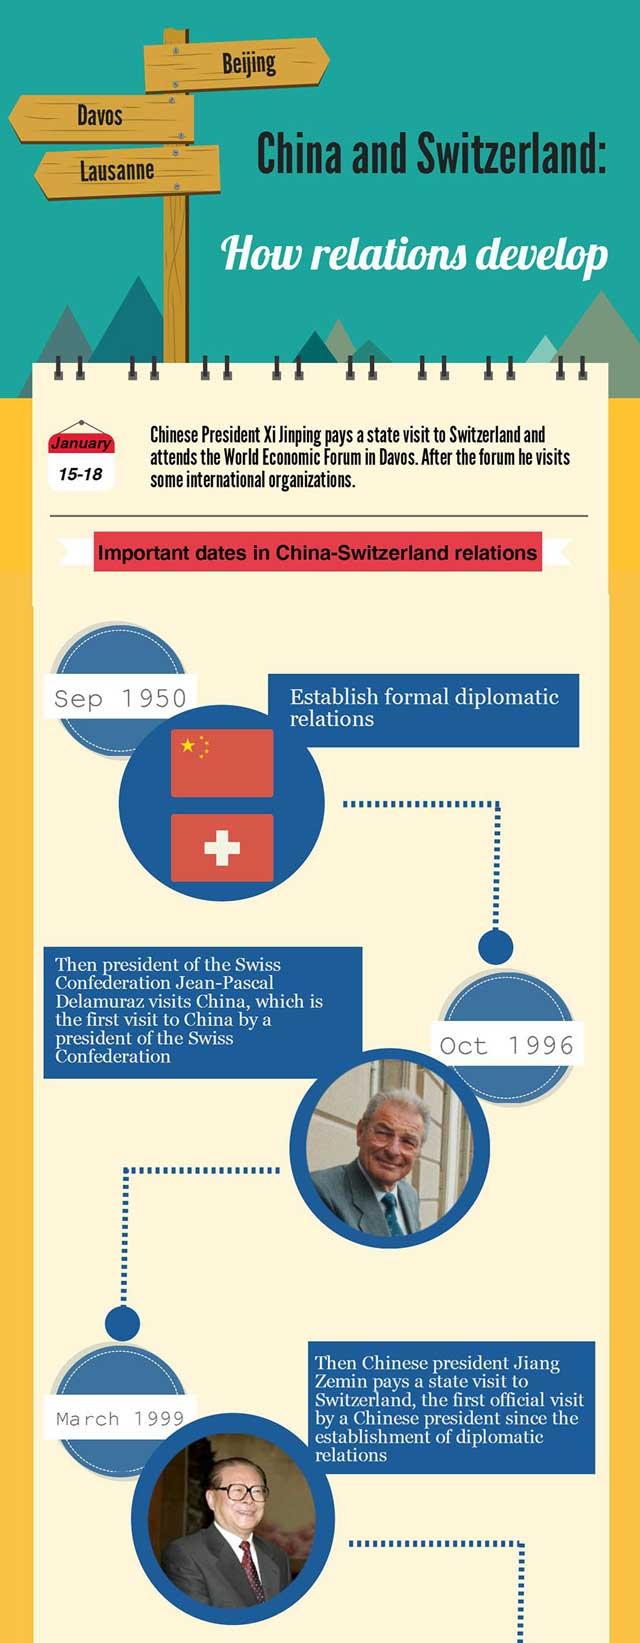 ย้อน 66 ปี มิตรภาพสัมพันธ์ จีน - สวิตเซอร์แลนด์